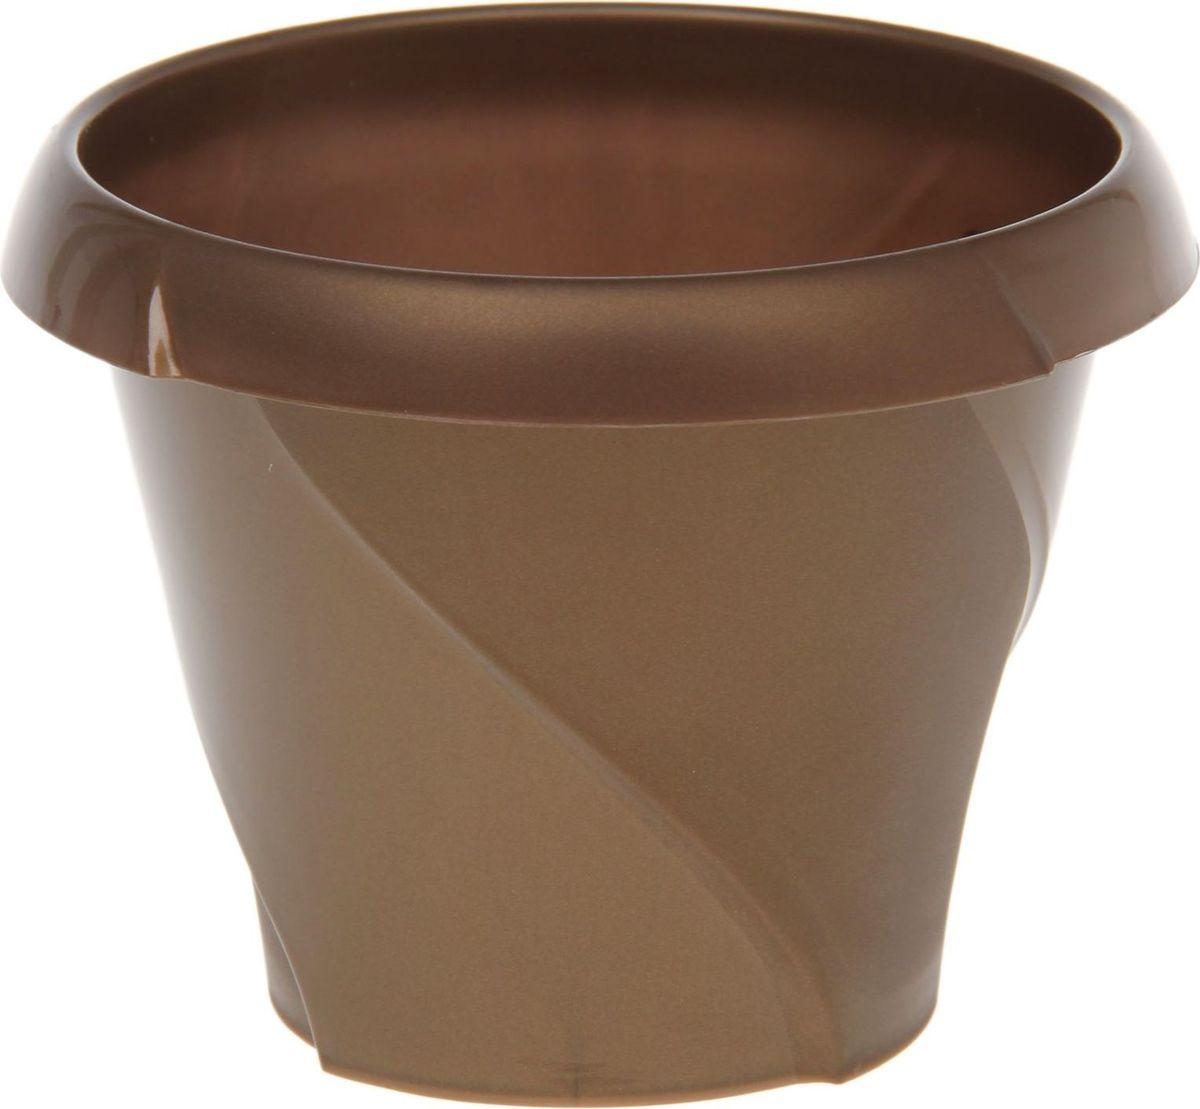 Кашпо Martika Флориана, цвет: золотистый, 1,4 л1355438Любой, даже самый современный и продуманный интерьер будет не завершенным без растений. Они не только очищают воздух и насыщают его кислородом, но и заметно украшают окружающее пространство. Такому полезному члену семьи просто необходимо красивое и функциональное кашпо, оригинальный горшок или необычная ваза! Мы предлагаем - Кашпо 1,4 л Флориана, d=17 см, цвет золотой! Оптимальный выбор материала - это пластмасса! Почему мы так считаем? Малый вес. С легкостью переносите горшки и кашпо с места на место, ставьте их на столики или полки, подвешивайте под потолок, не беспокоясь о нагрузке. Простота ухода. Пластиковые изделия не нуждаются в специальных условиях хранения. Их легко чистить достаточно просто сполоснуть теплой водой. Никаких царапин. Пластиковые кашпо не царапают и не загрязняют поверхности, на которых стоят. Пластик дольше хранит влагу, а значит растение реже нуждается в поливе. Пластмасса не пропускает воздух корневой системе растения не грозят резкие перепады температур. Огромный выбор форм, декора и расцветок вы без труда подберете что-то, что идеально впишется в уже существующий интерьер. Соблюдая нехитрые правила ухода, вы можете заметно продлить срок службы горшков, вазонов и кашпо из пластика: всегда учитывайте размер кроны и корневой системы растения (при разрастании большое растение способно повредить маленький горшок) берегите изделие от воздействия прямых солнечных лучей, чтобы кашпо и горшки не выцветали держите кашпо и горшки из пластика подальше от нагревающихся поверхностей. Создавайте прекрасные цветочные композиции, выращивайте рассаду или необычные растения, а низкие цены позволят вам не ограничивать себя в выборе.